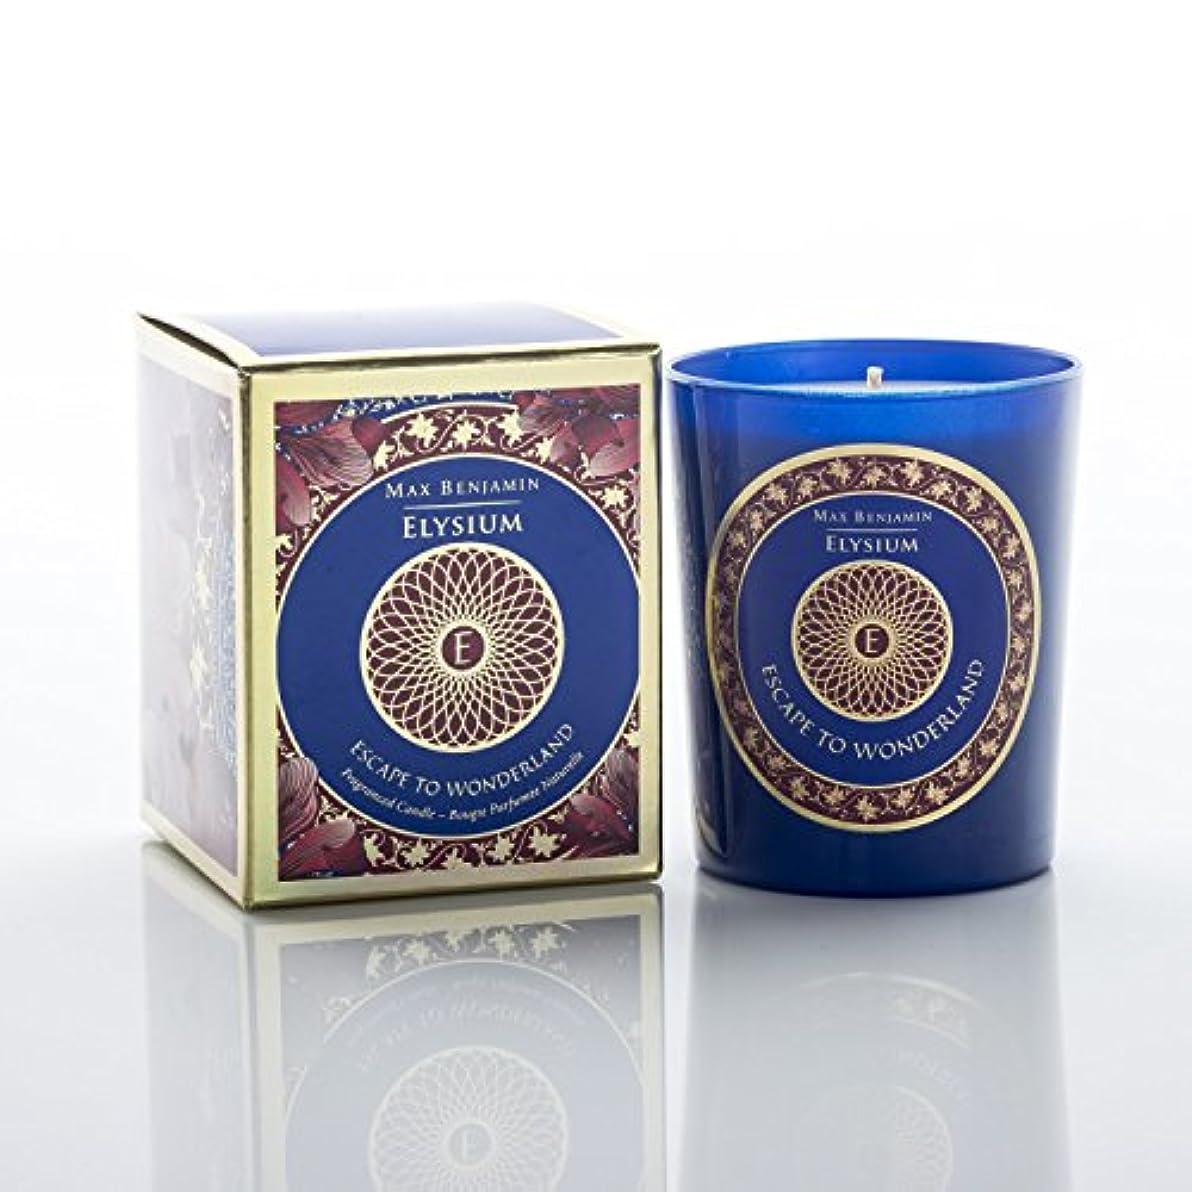 Max Benjamin Elysium Candle香りつき190 gガラスJar MB-EC3